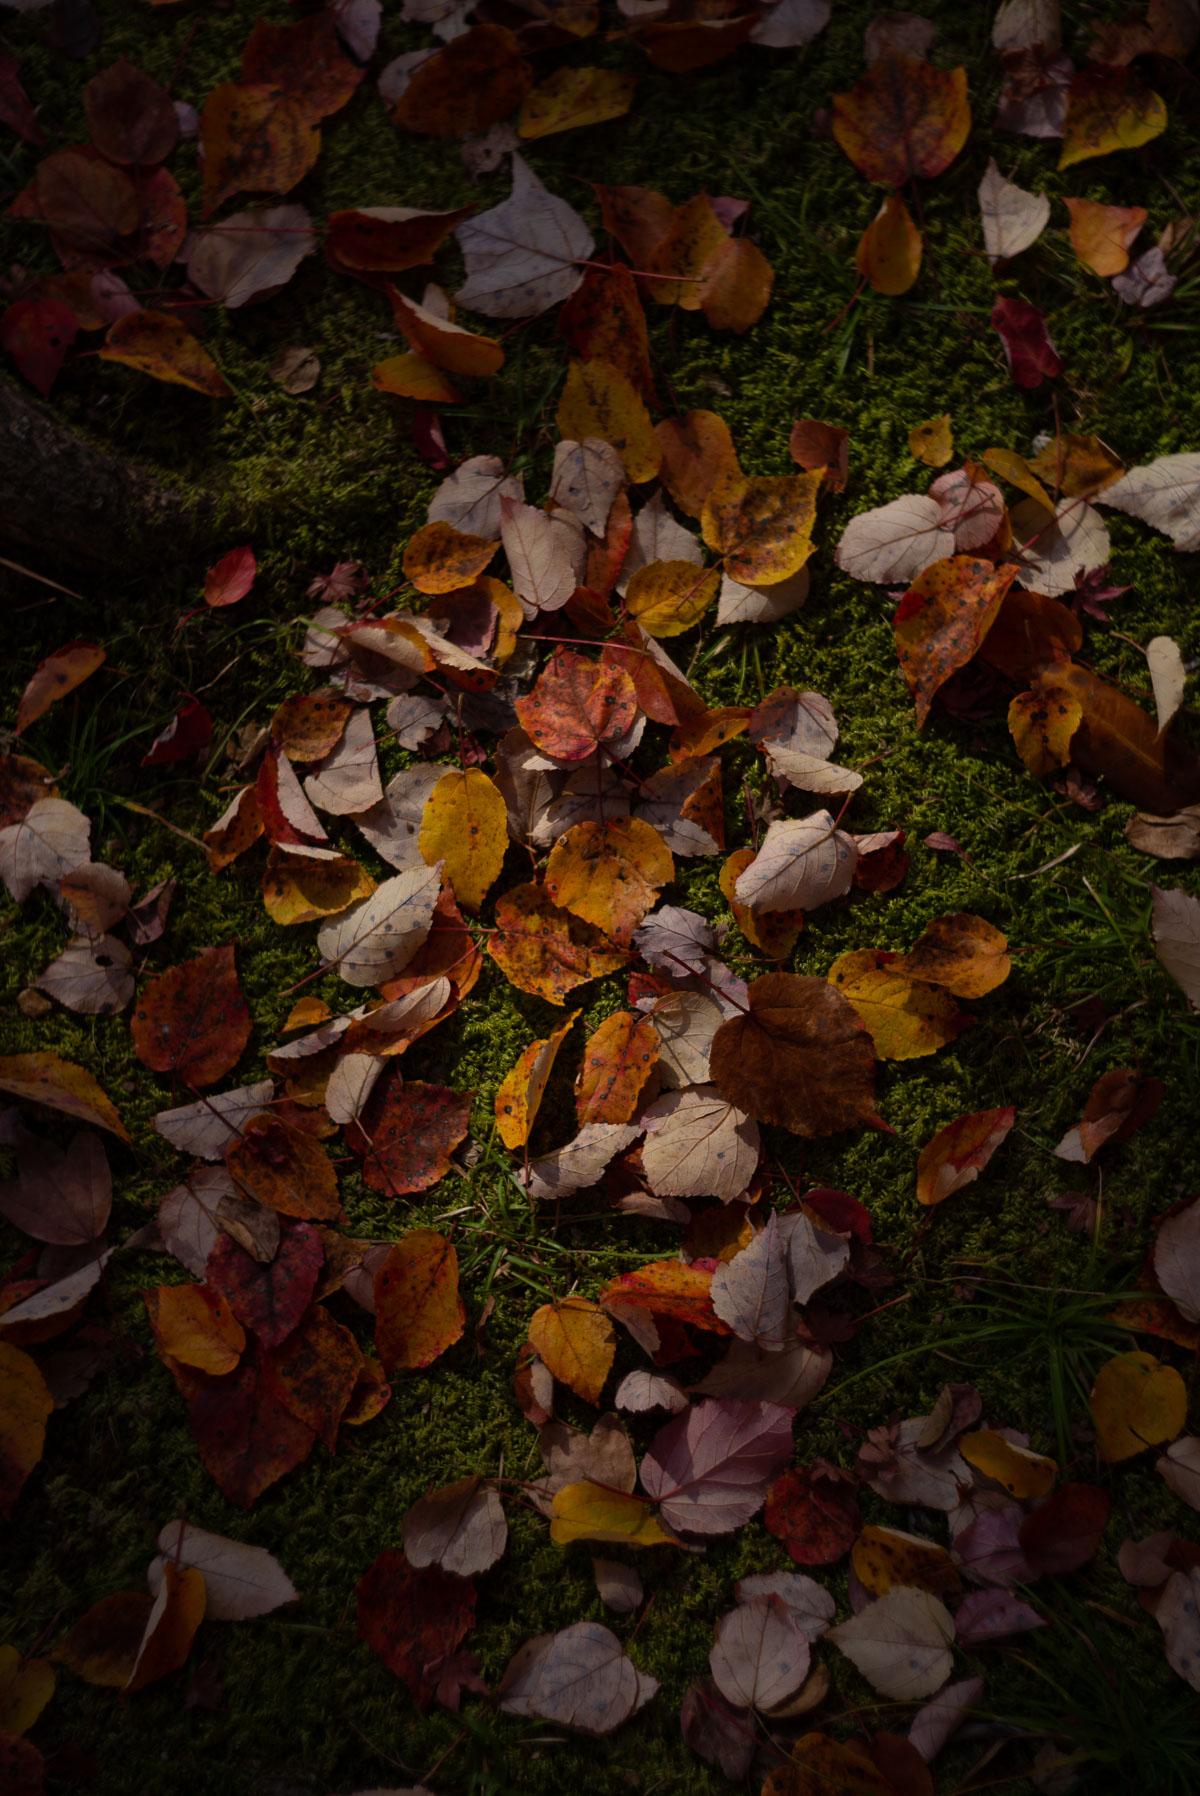 苔の上に積もった色とりどりの葉っぱ